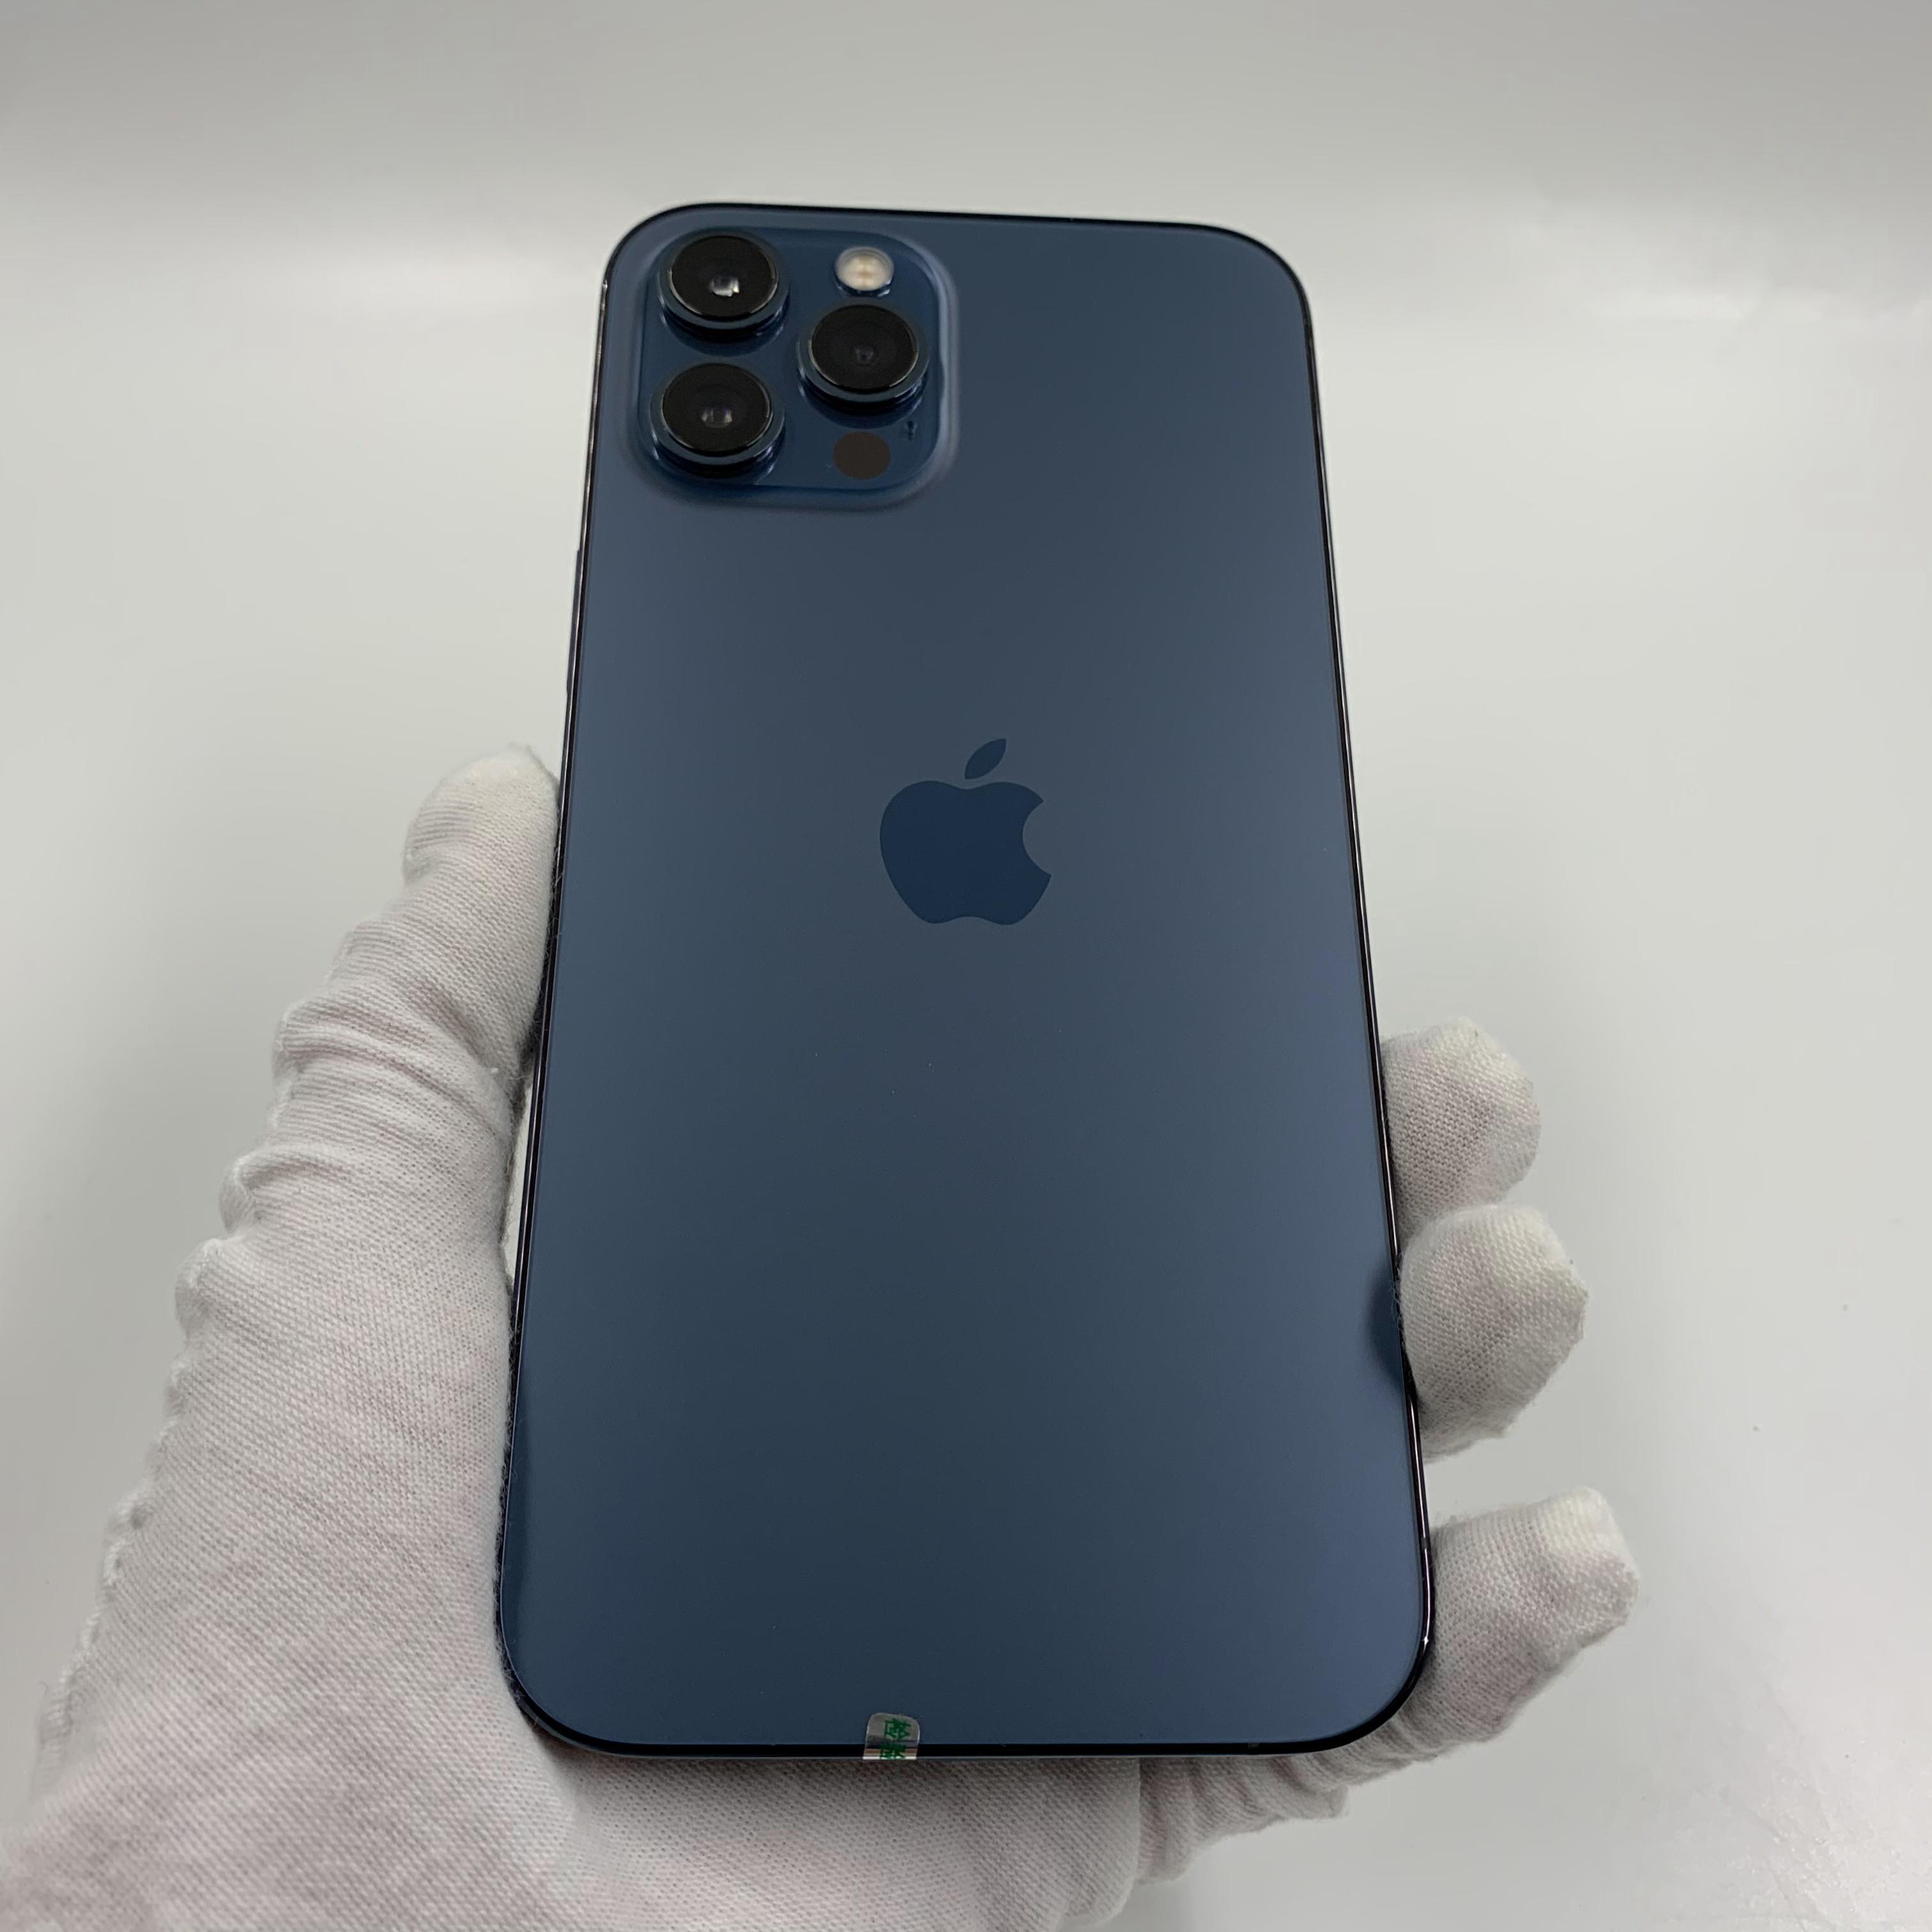 苹果【iPhone 12 Pro Max】5G全网通 海蓝色 256G 国行 99新 真机实拍保修2022-05-15